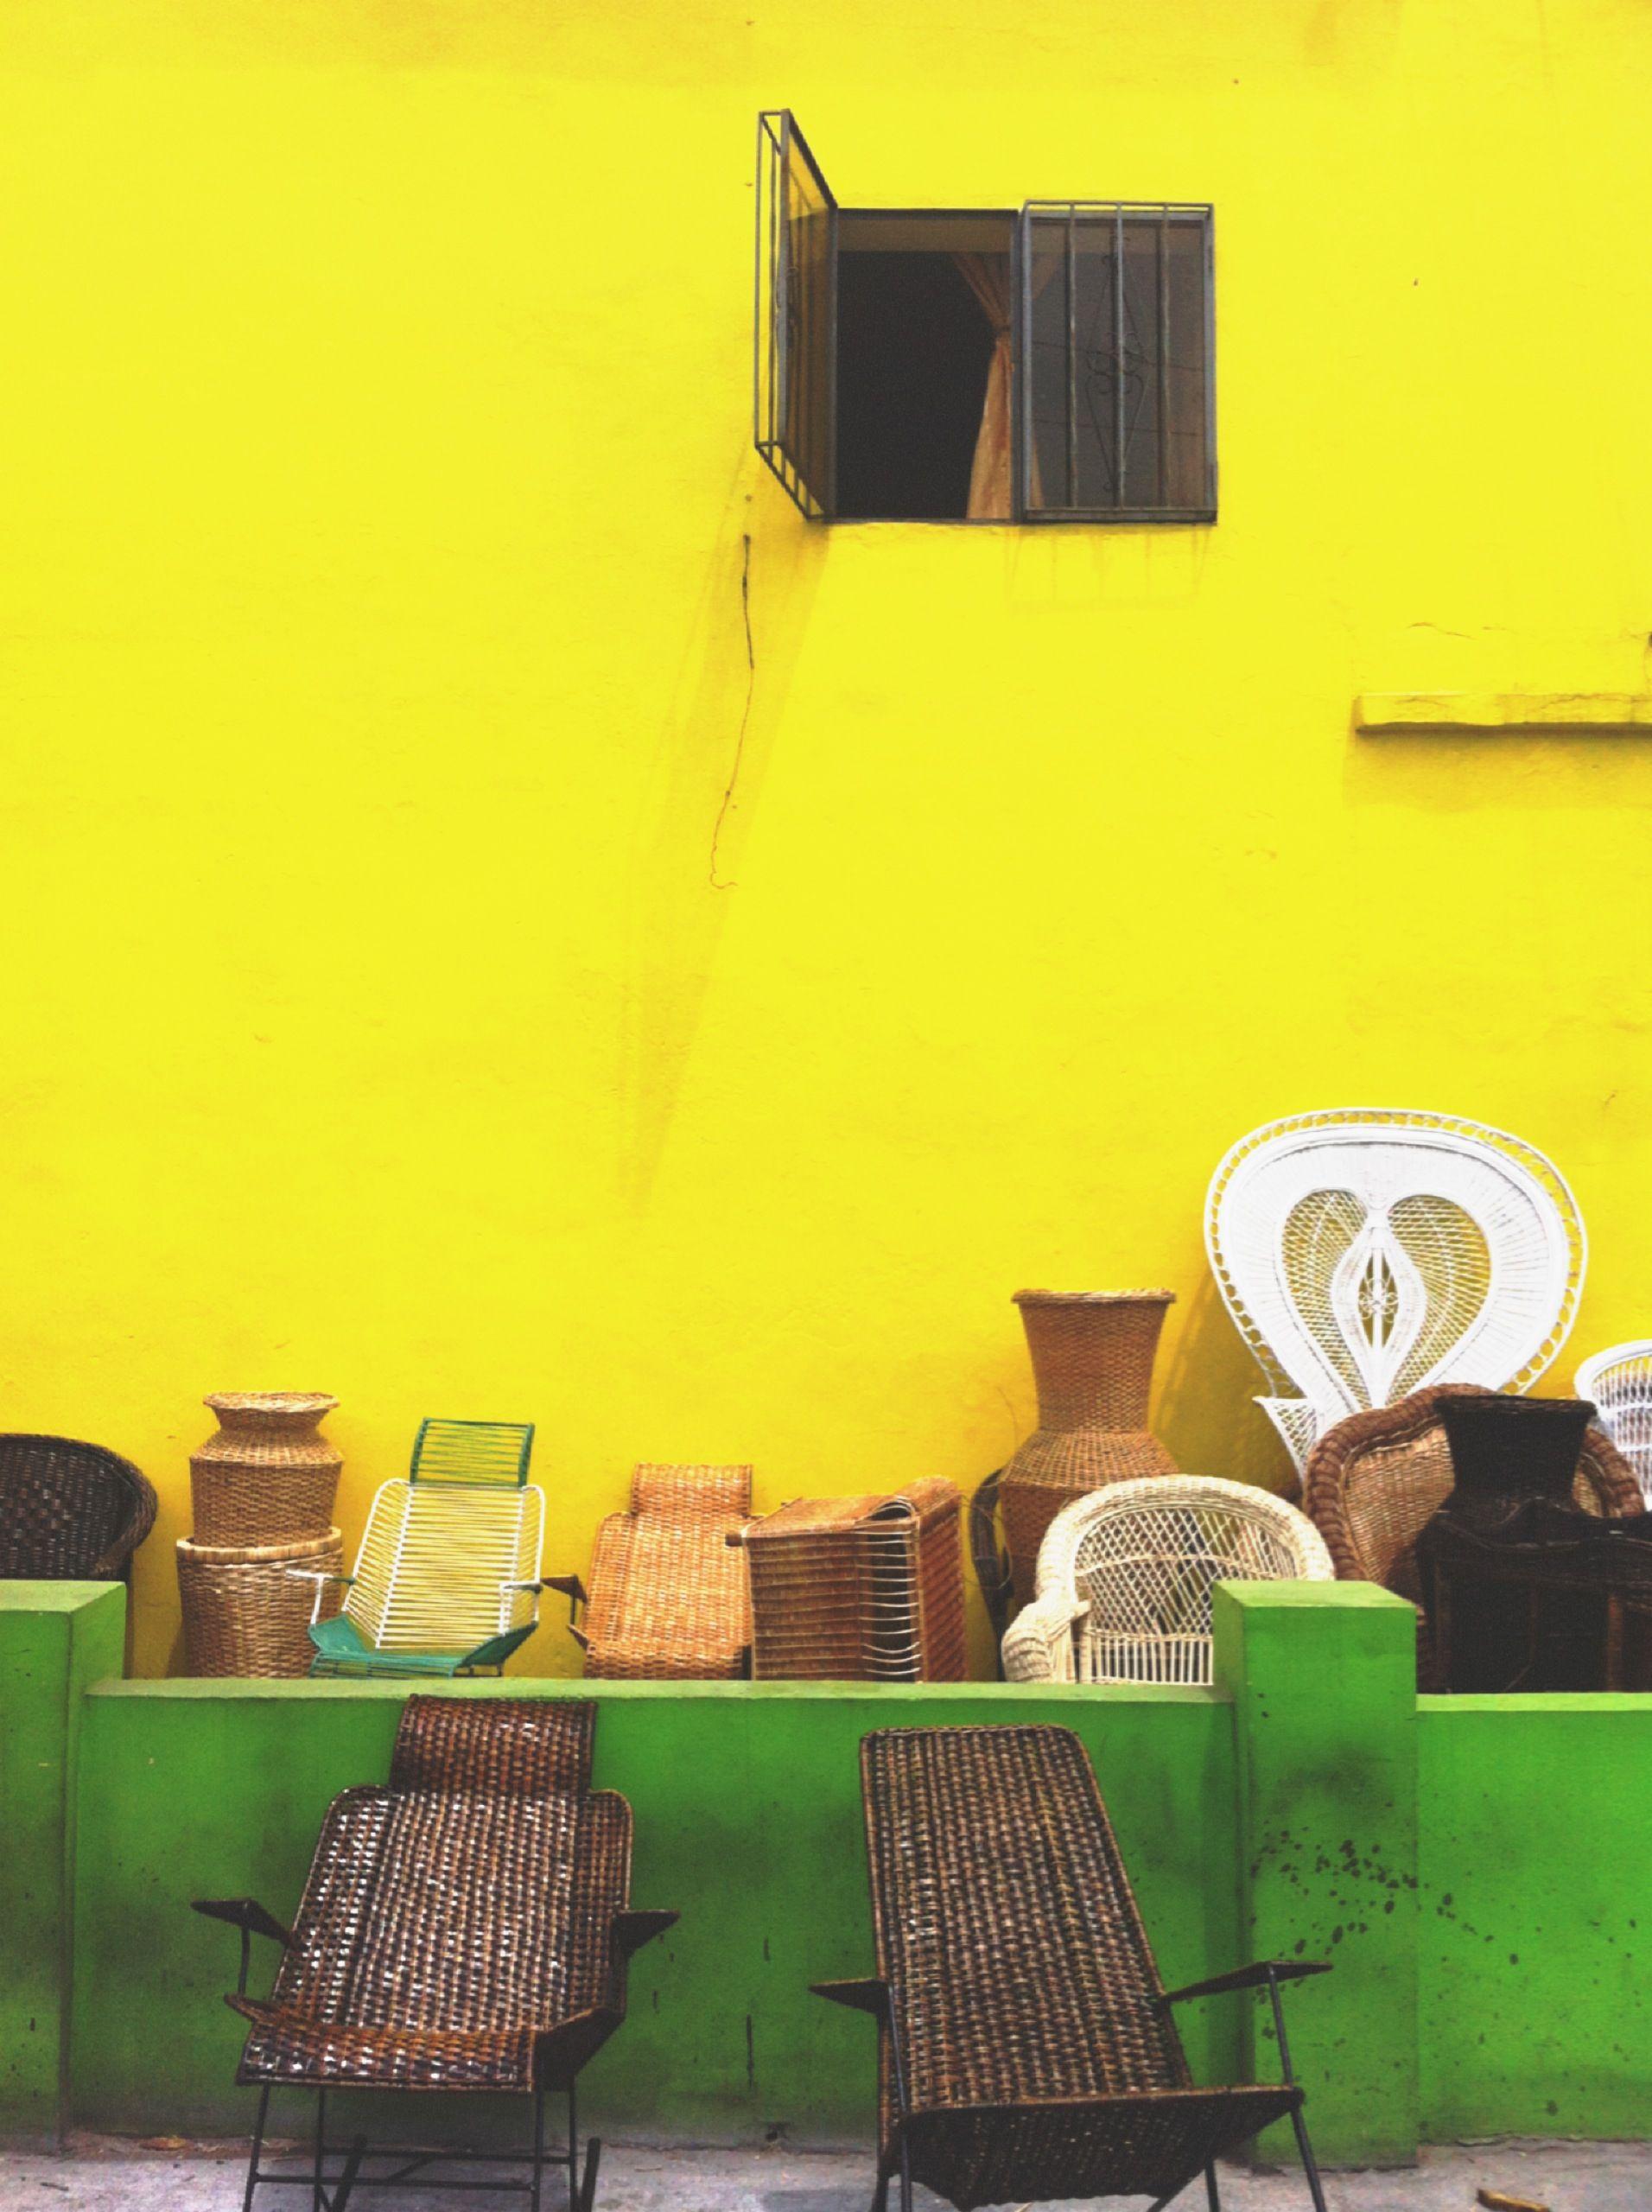 Anversos 1: Retrato de una ciudad que se teje con sudor y lágrimas, bebiendo muchas tazas de guarapo.